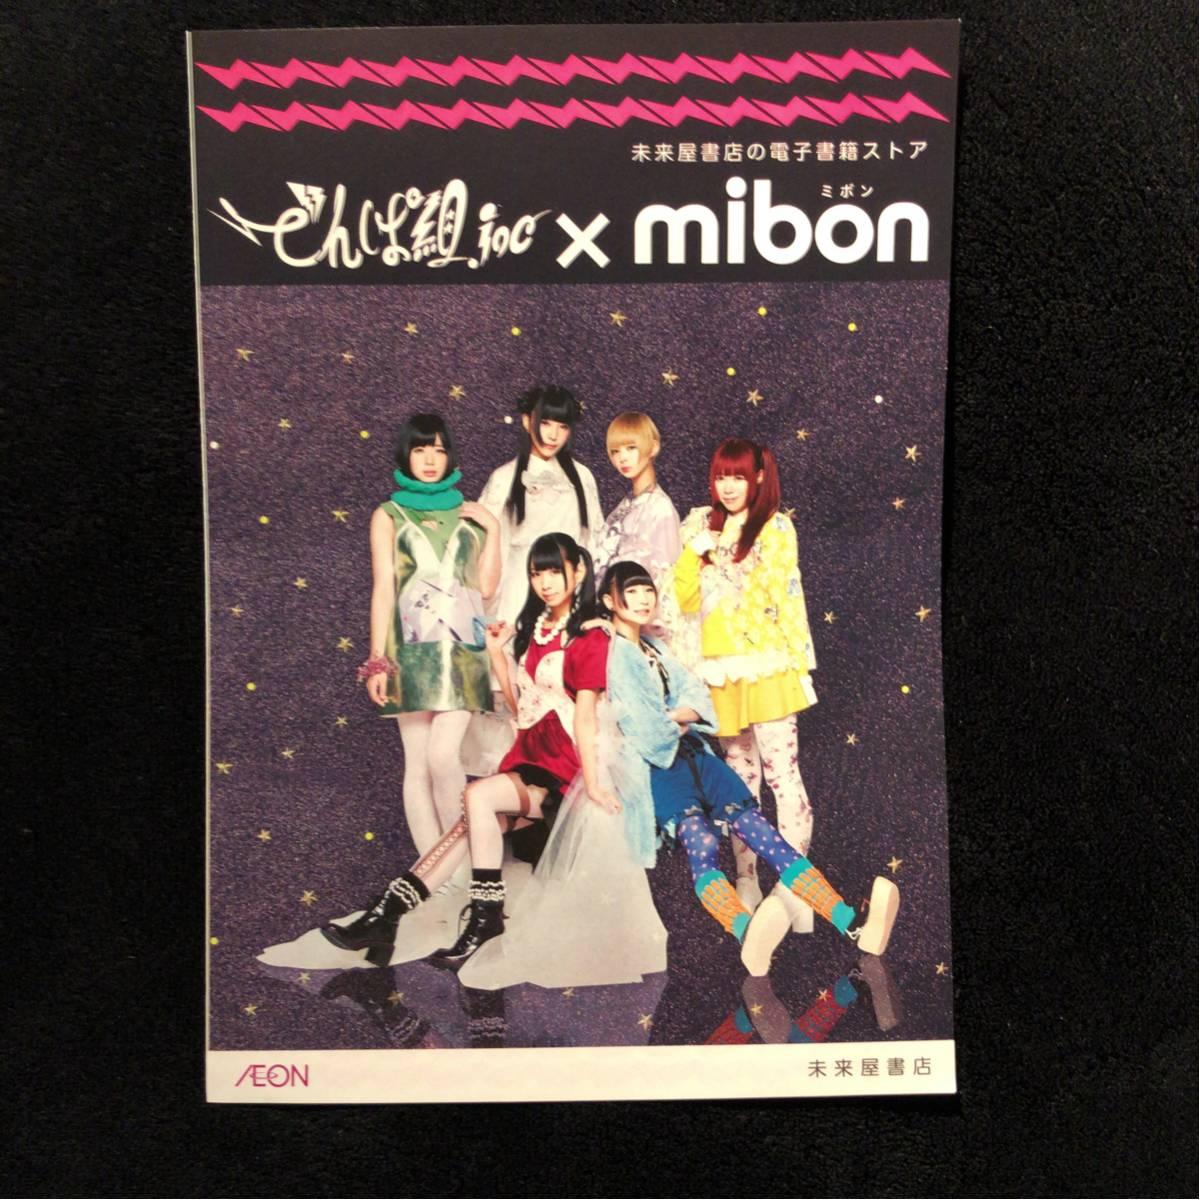 未来屋書店チラシ★でんぱ組.inc x mibon